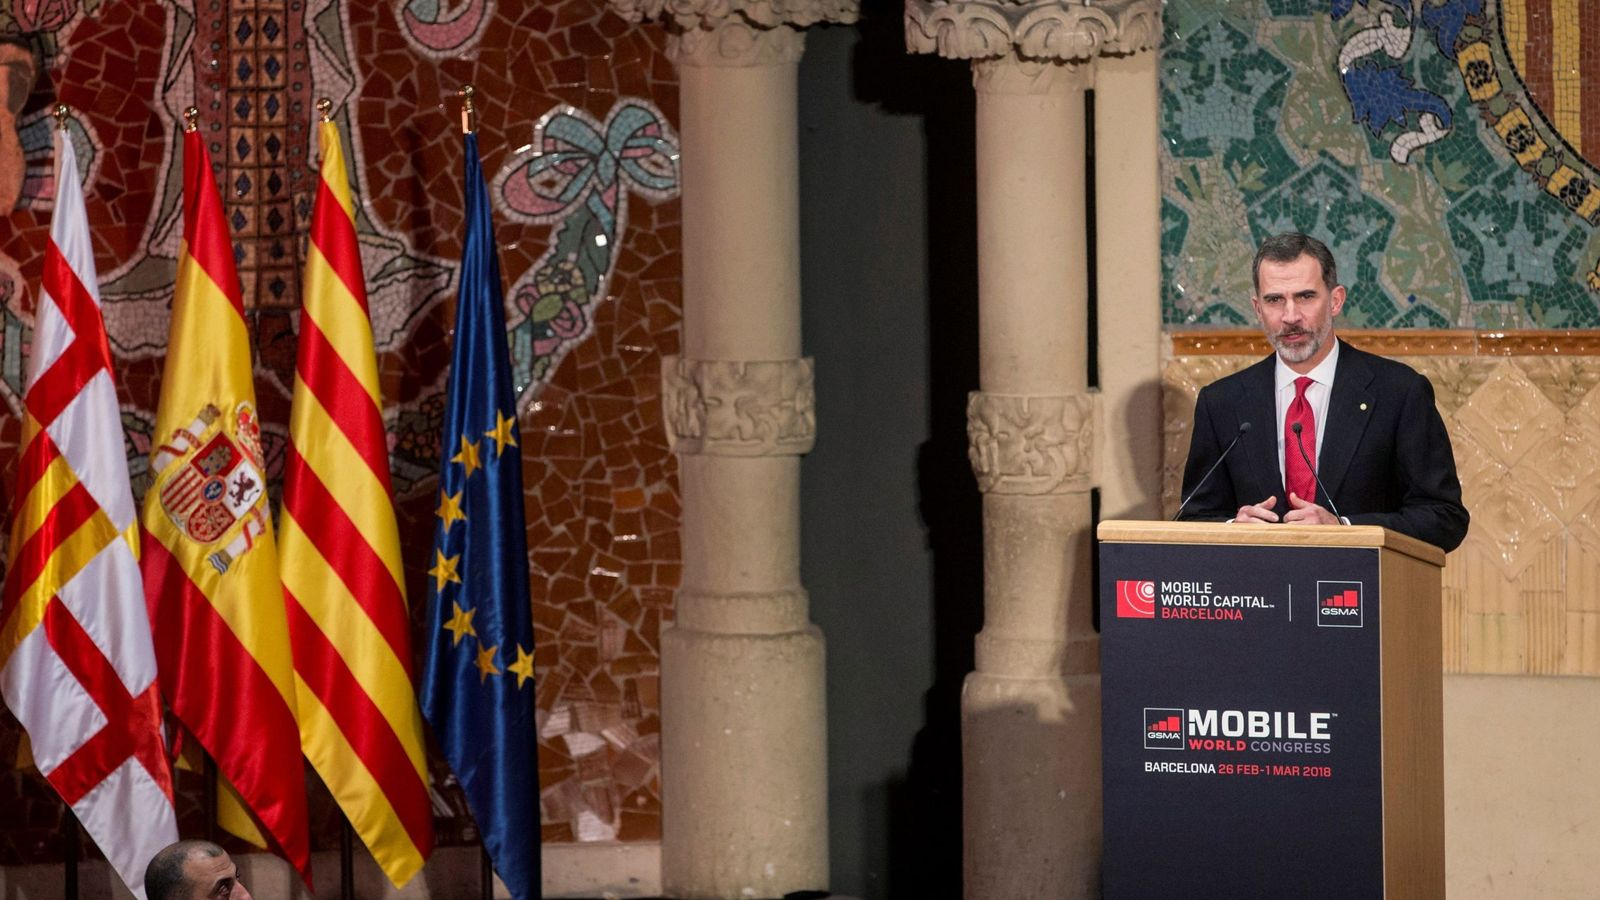 Foto: Felipe VI, en febrero de este año, en Barcelona en el Mobile World Congress. (EFE)